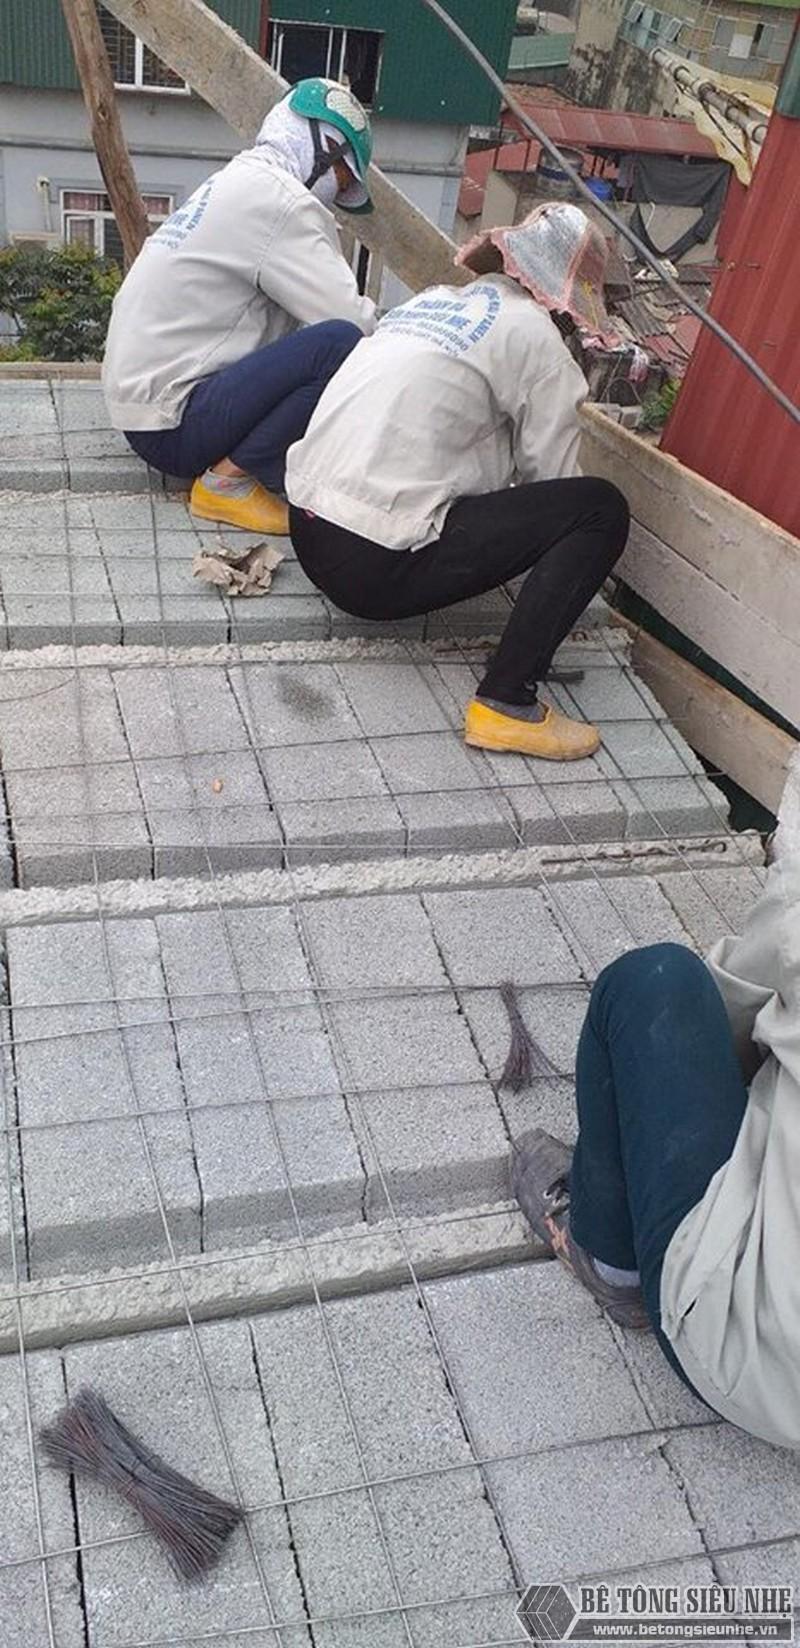 Hình ảnh thi công sàn bê tông nhẹ tại nhà anh Điến, Hoàng Mai, Hà Nội